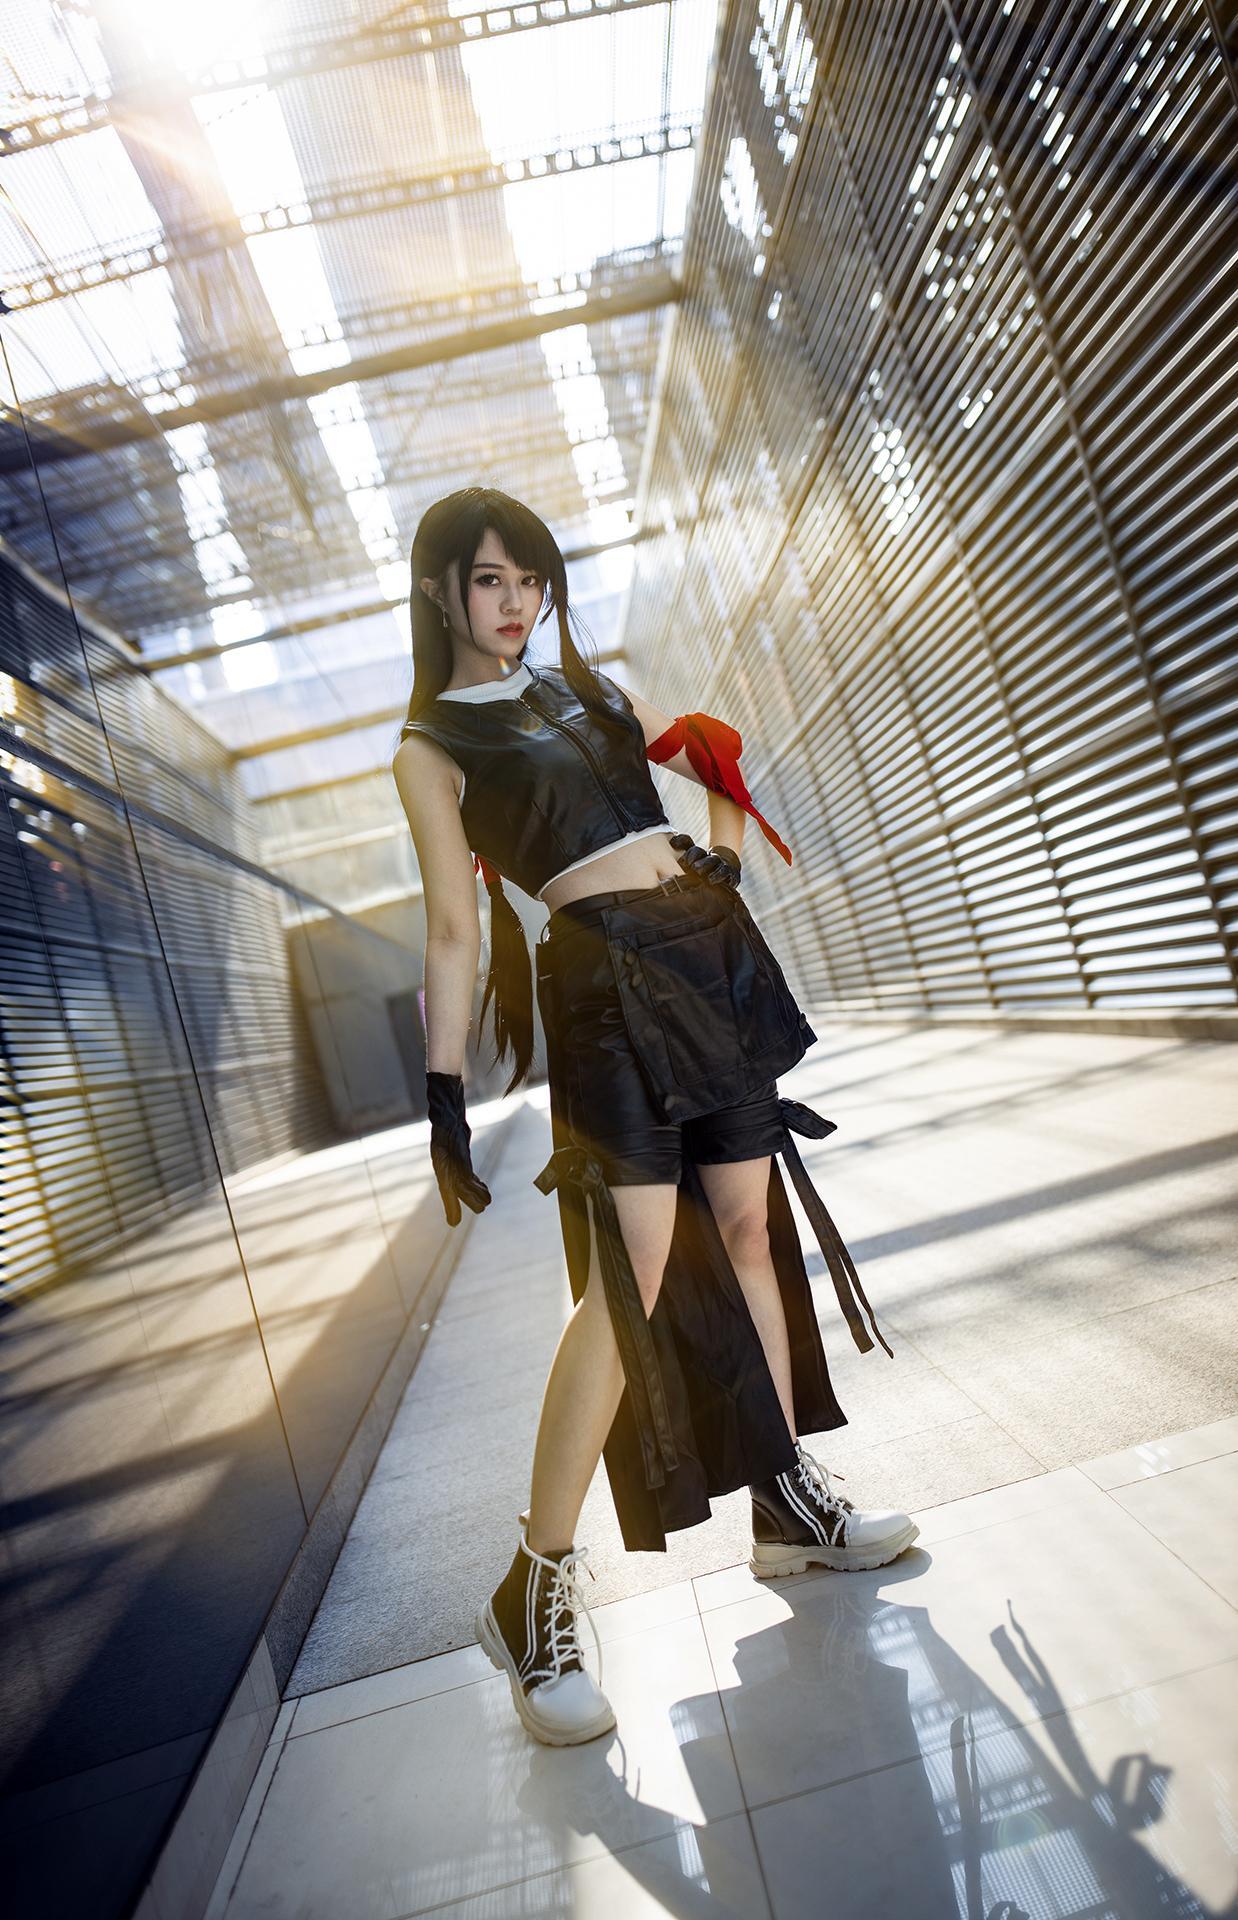 《最终幻想》最终幻想蒂法cosplay【CN:Suweit】-第1张